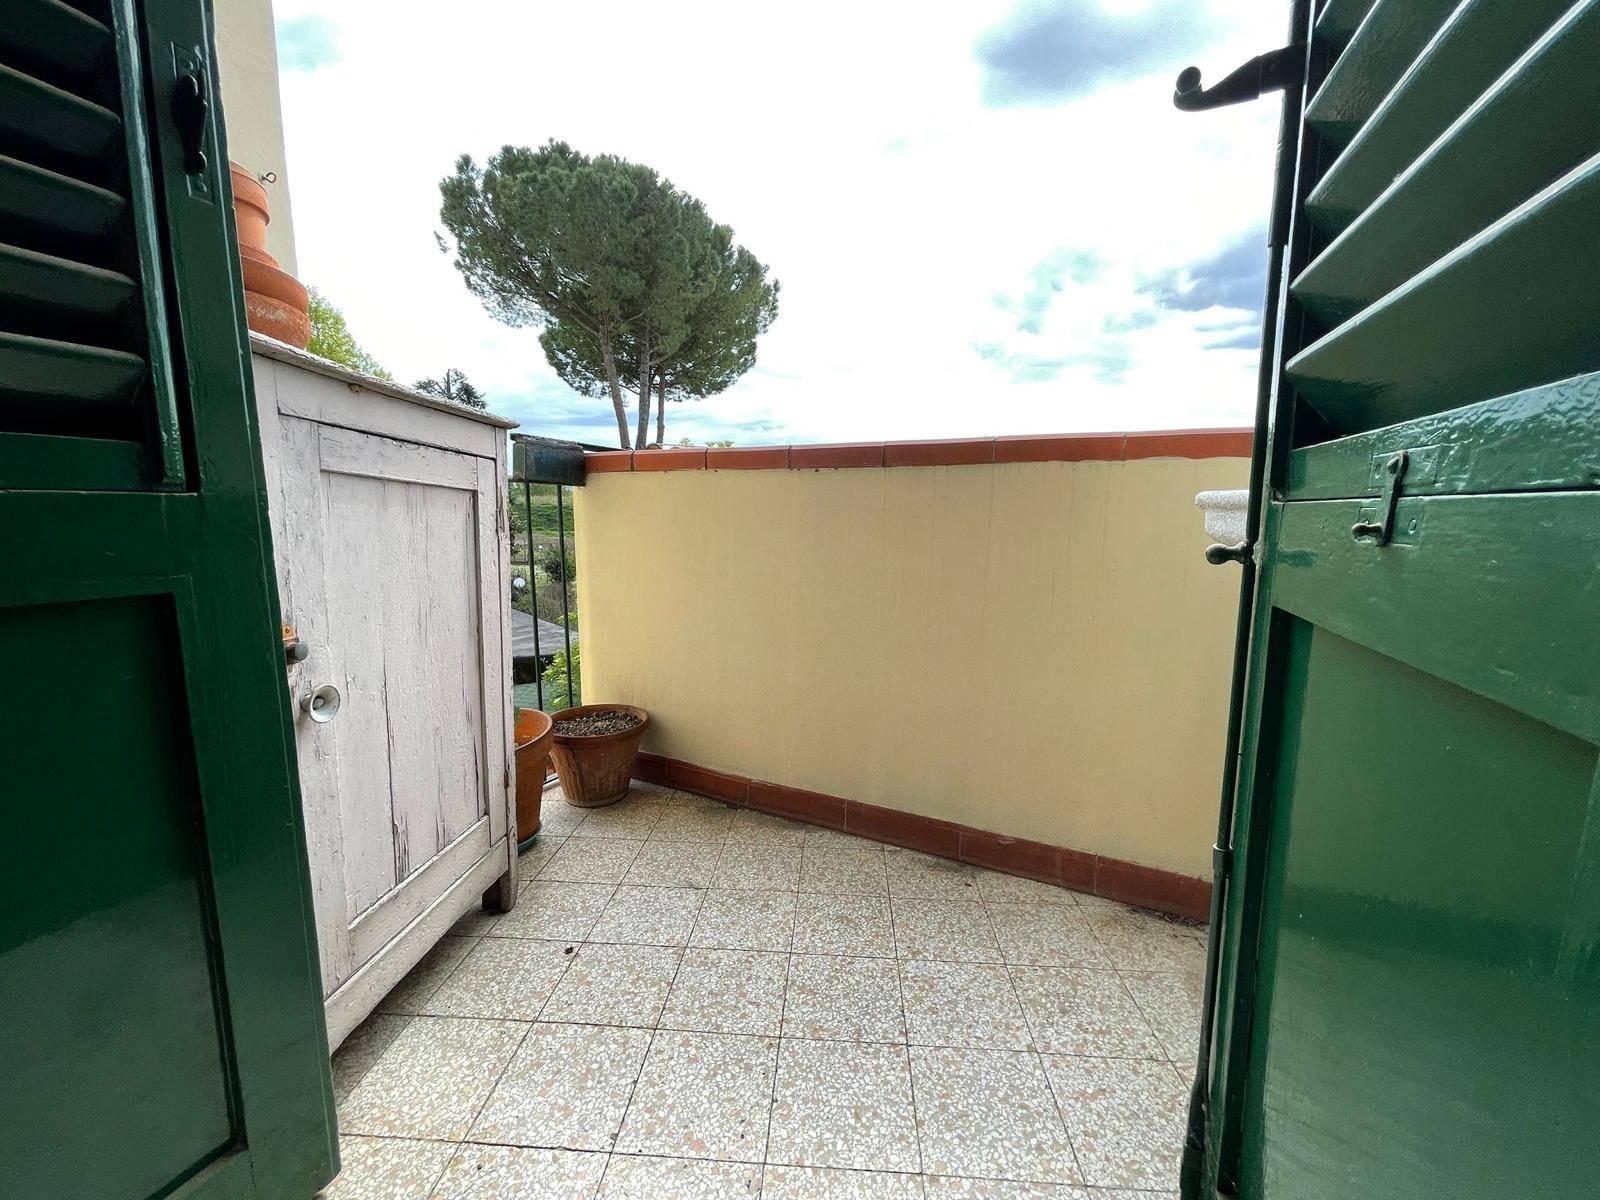 Appartamento in Vendita a Signa zona San mauro a signa - immagine 14